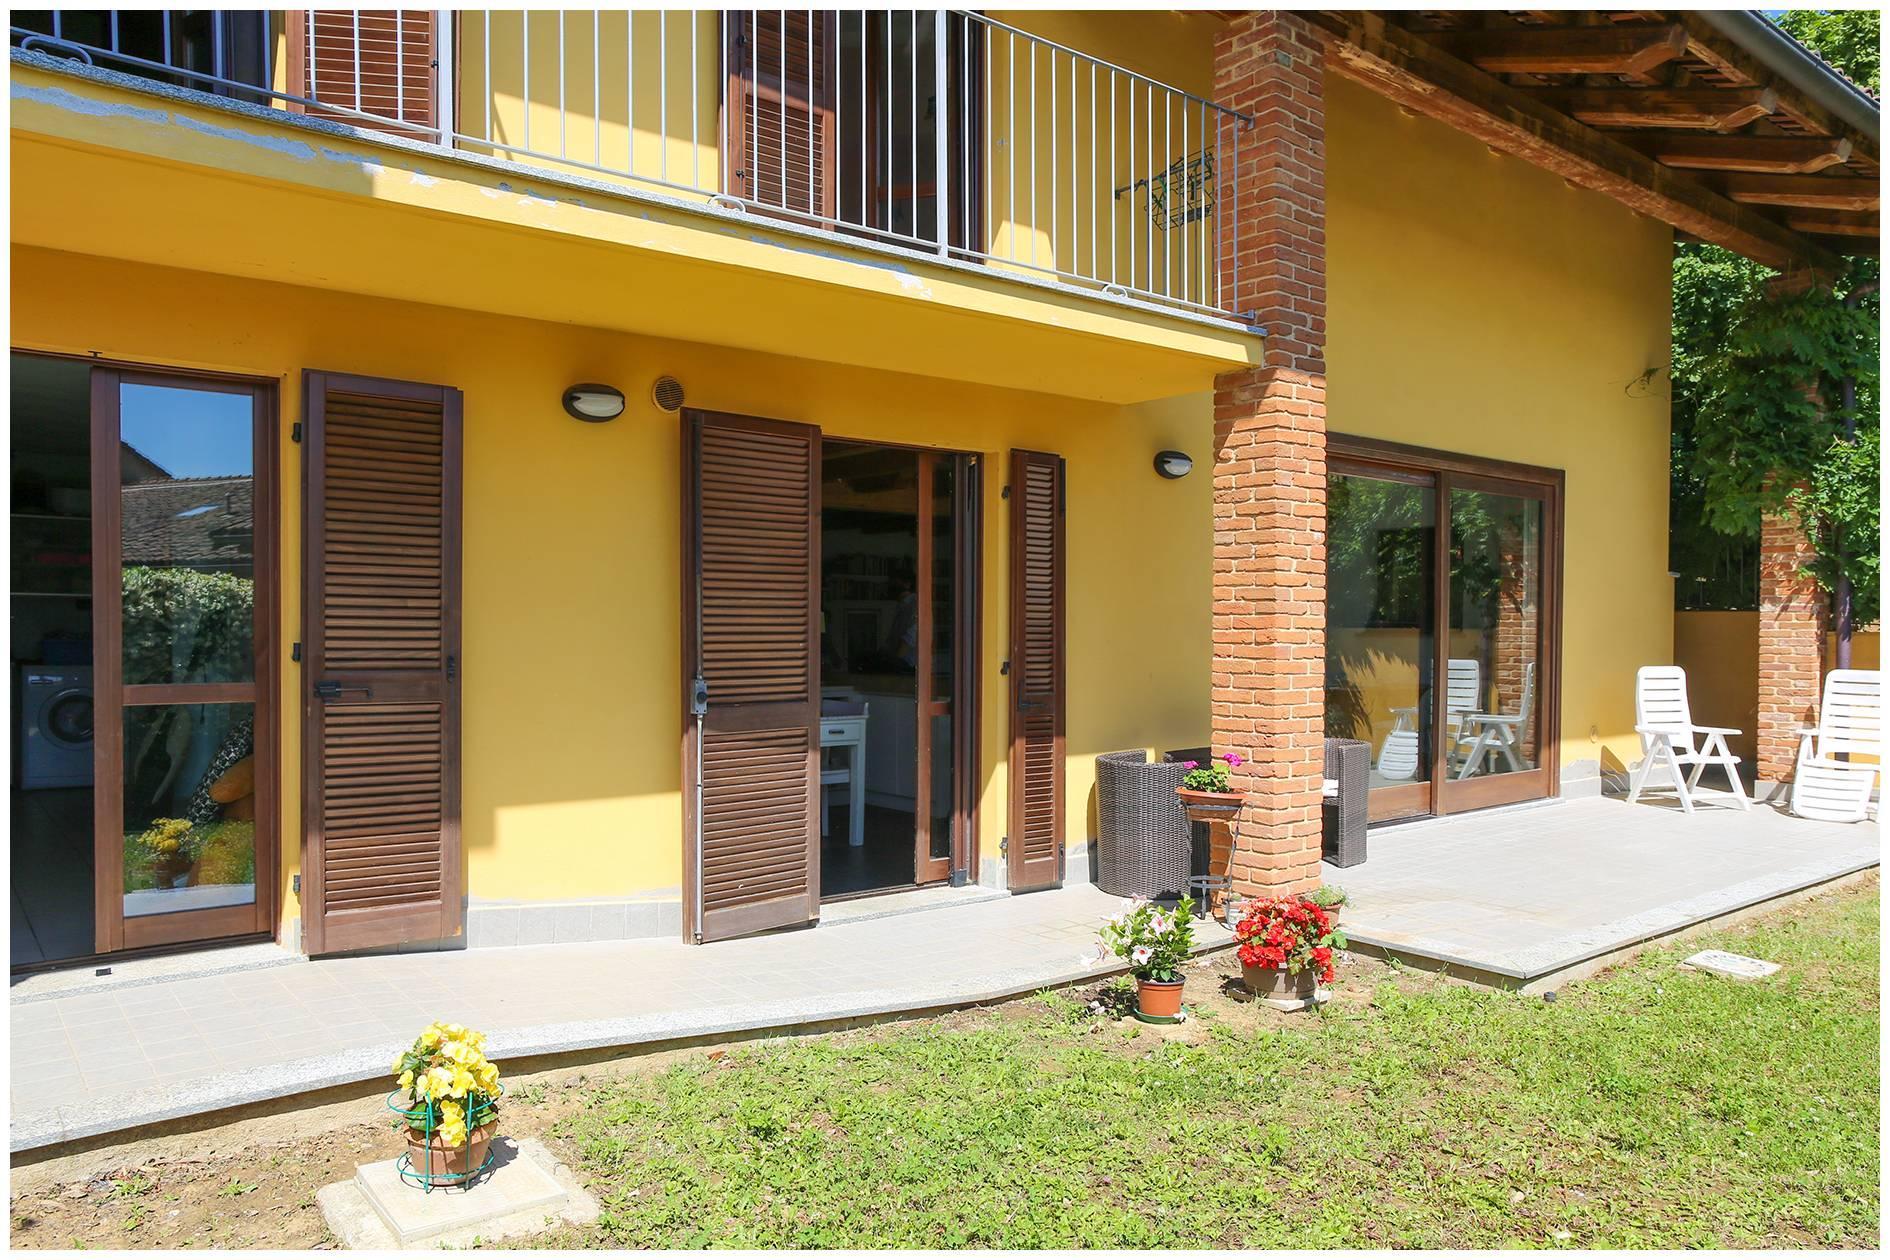 Villa in vendita a Pecetto Torinese, 4 locali, zona Località: ValleSanPietro, prezzo € 490.000   CambioCasa.it